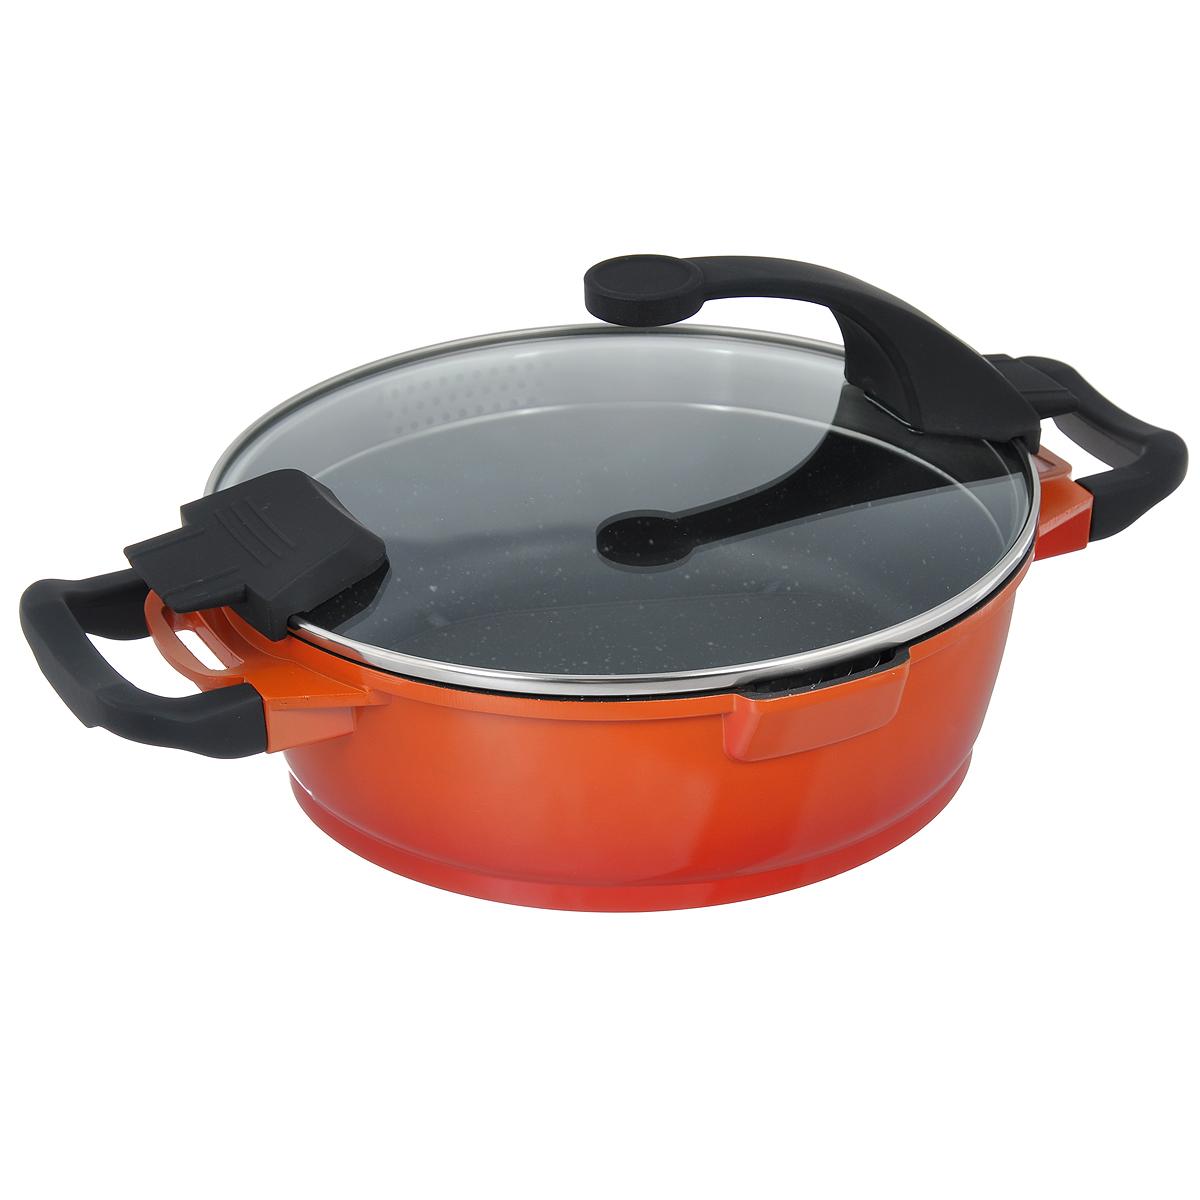 Сотейник BergHOFF Virgo Orange с крышкой, с антипригарным покрытием, цвет: оранжево-красный, 3 л. 230490668/5/4Сотейник BergHOFF Virgo изготовлен из литого алюминия, который имеет эффект чугунной посуды. В отличие от чугуна, посуда из алюминия легче по весу и быстро нагревается, что гарантирует сбережение энергии. Внутреннее покрытие - экологически безопасное антипригарное покрытие Ferno Green, которое не содержит ни свинца, ни кадмия. Антипригарные свойства посуды позволяют готовить без жира и подсолнечного масла или с его малым количеством. Ручки выполнены из бакелита с покрытием Soft-touch, они имеют комфортную эргономичную форму и не нагреваются в процессе эксплуатации. Крышка изготовлена из термостойкого стекла, благодаря чему можно наблюдать за ингредиентами в процессе приготовления. Широкий металлический обод со специальными отверстиями разного диаметра позволяет выливать жидкость, не снимая крышку. Сотейник оснащен двумя носиками для слива жидкости. Подходит для всех типов плит, включая индукционные. Рекомендуется мыть вручную. Диаметр сотейника (по верхнему краю): 24 см. Ширина сотейника (с учетом ручек): 36 см.Высота стенки: 8 см. Толщина стенки: 3 мм. Толщина дна: 5 мм.